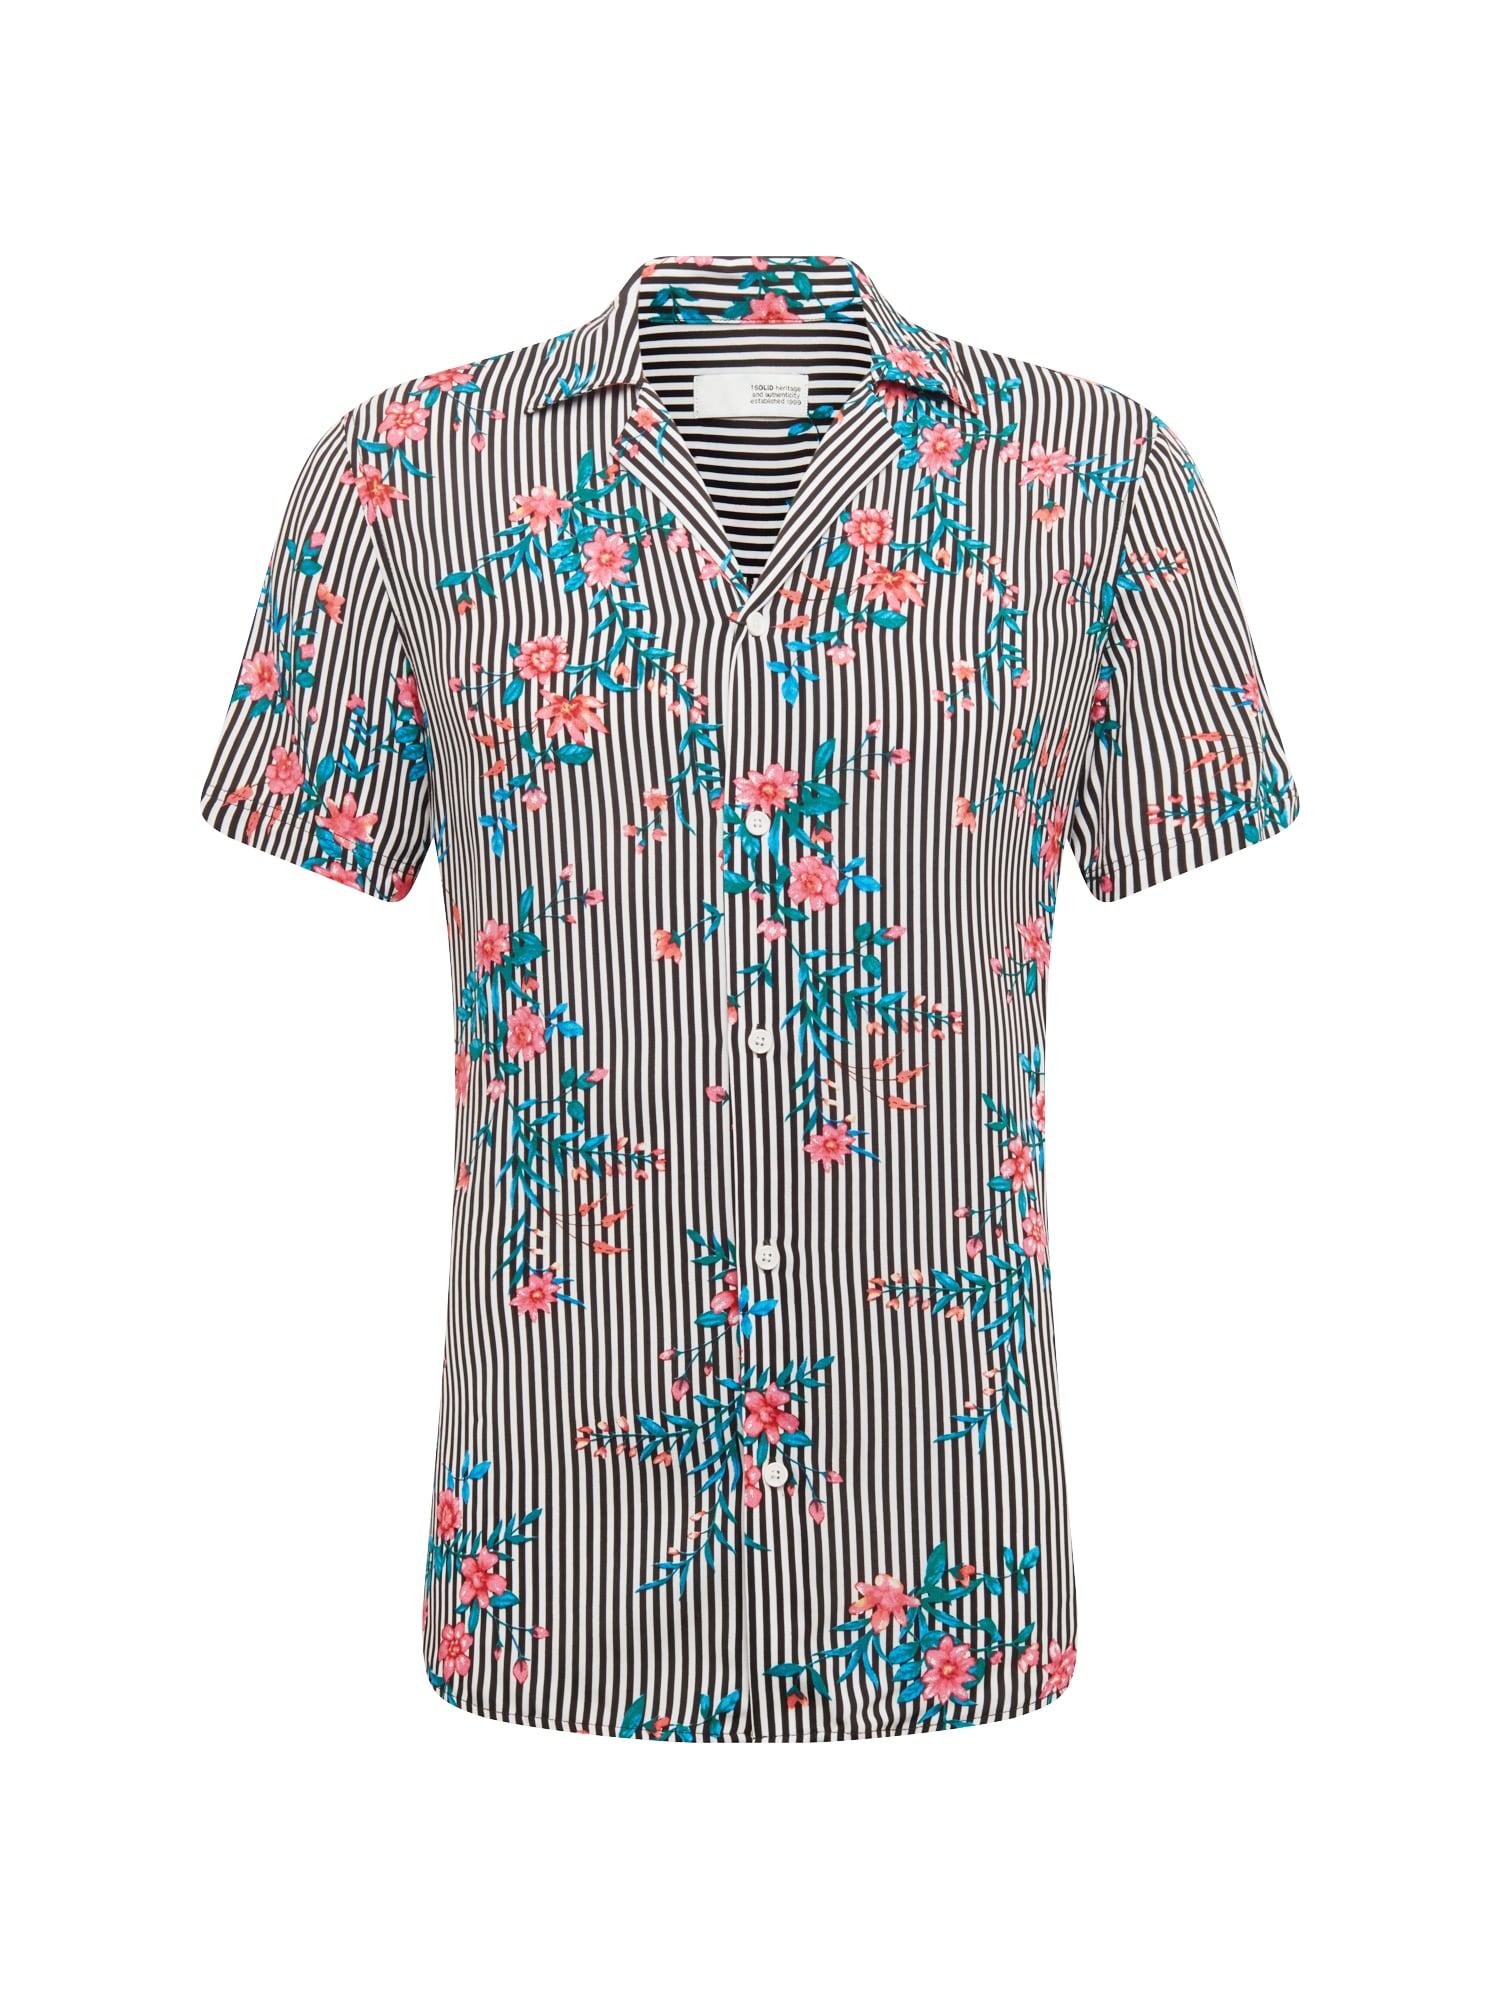 Košile Shirt - Brando Tropic SS červená černá !Solid